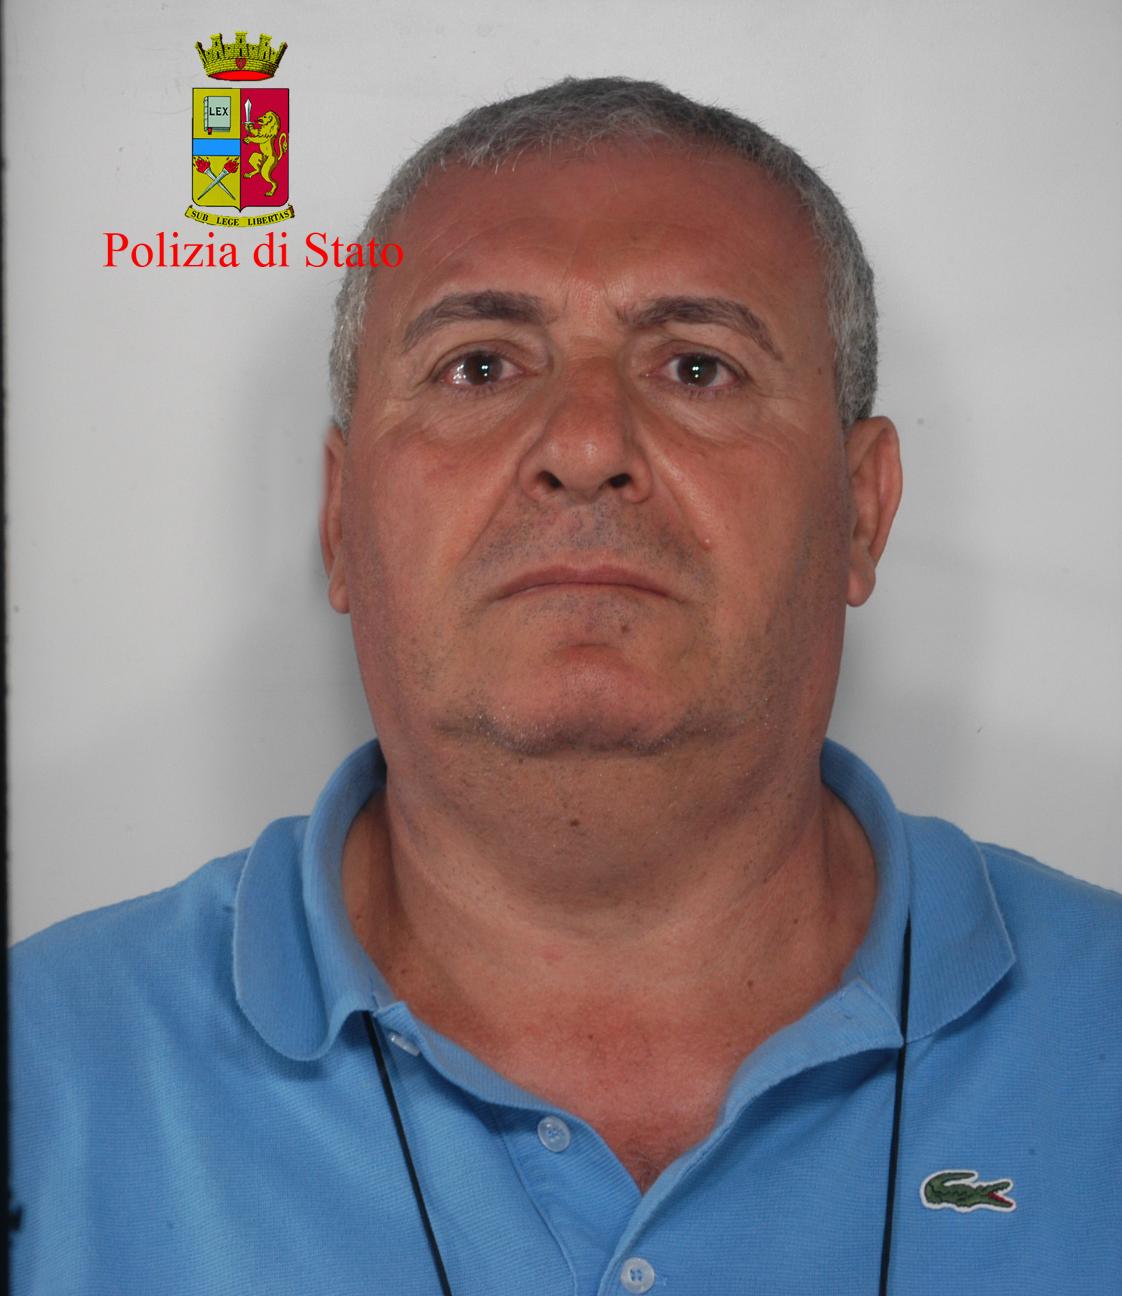 italiainchieste.it: Reggio Calabria: Polizia, arresti Gioia Tauro